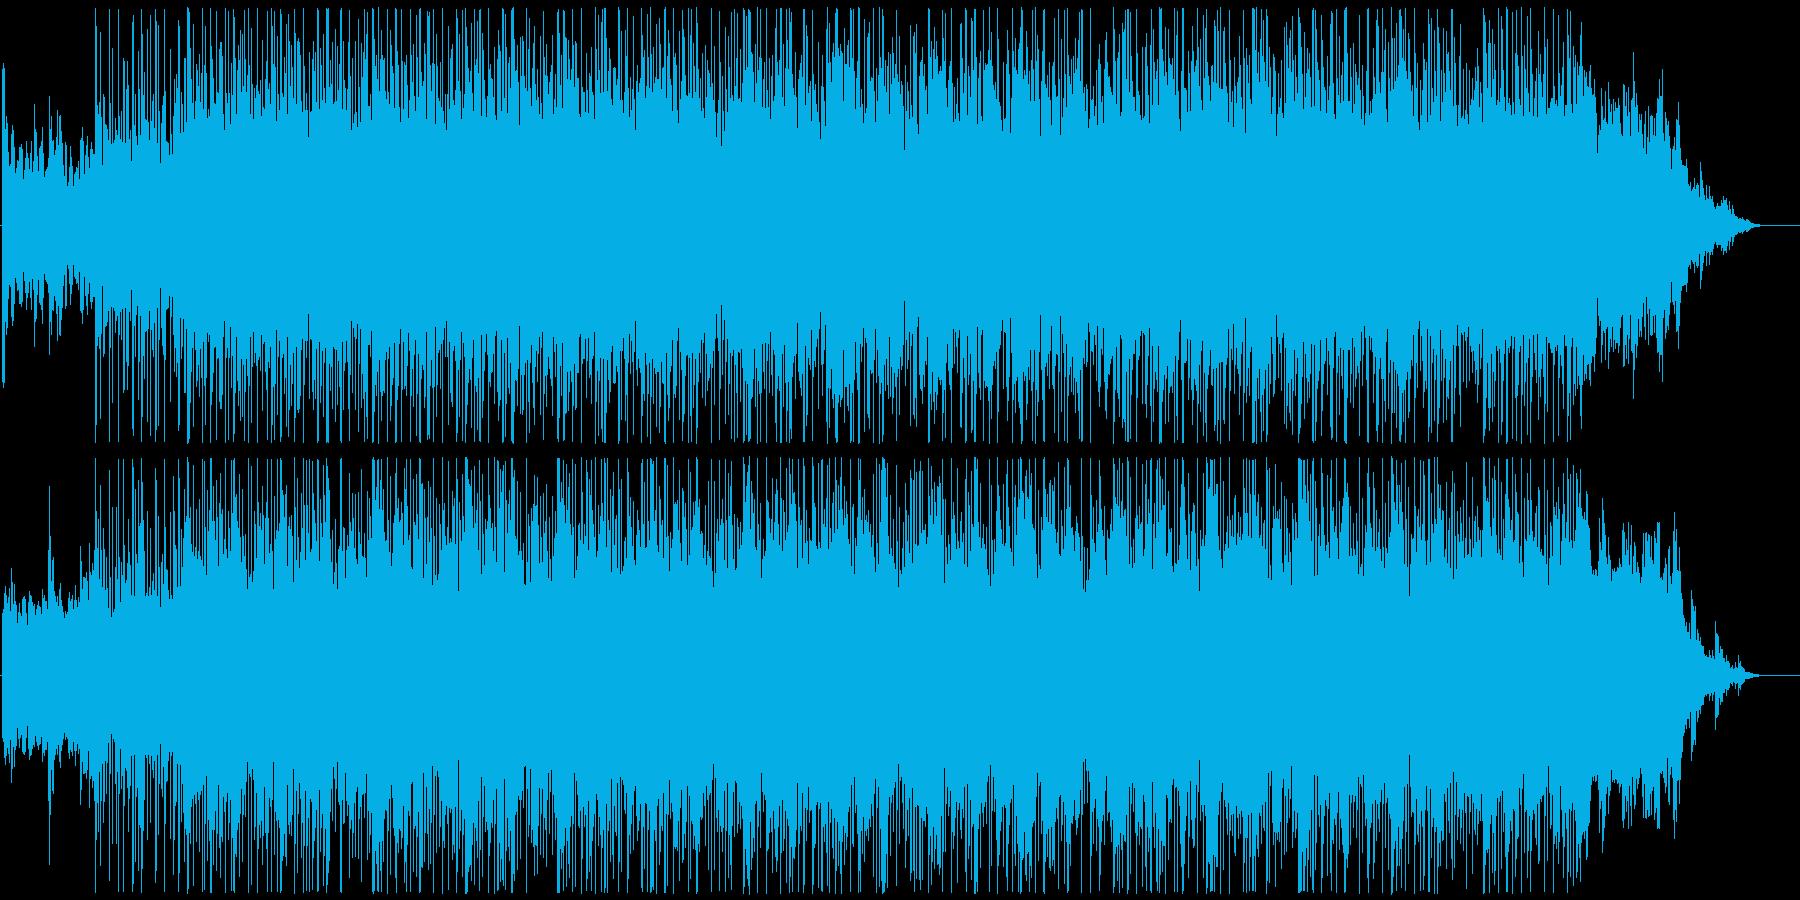 リズミカルで爽やかなBGMの再生済みの波形